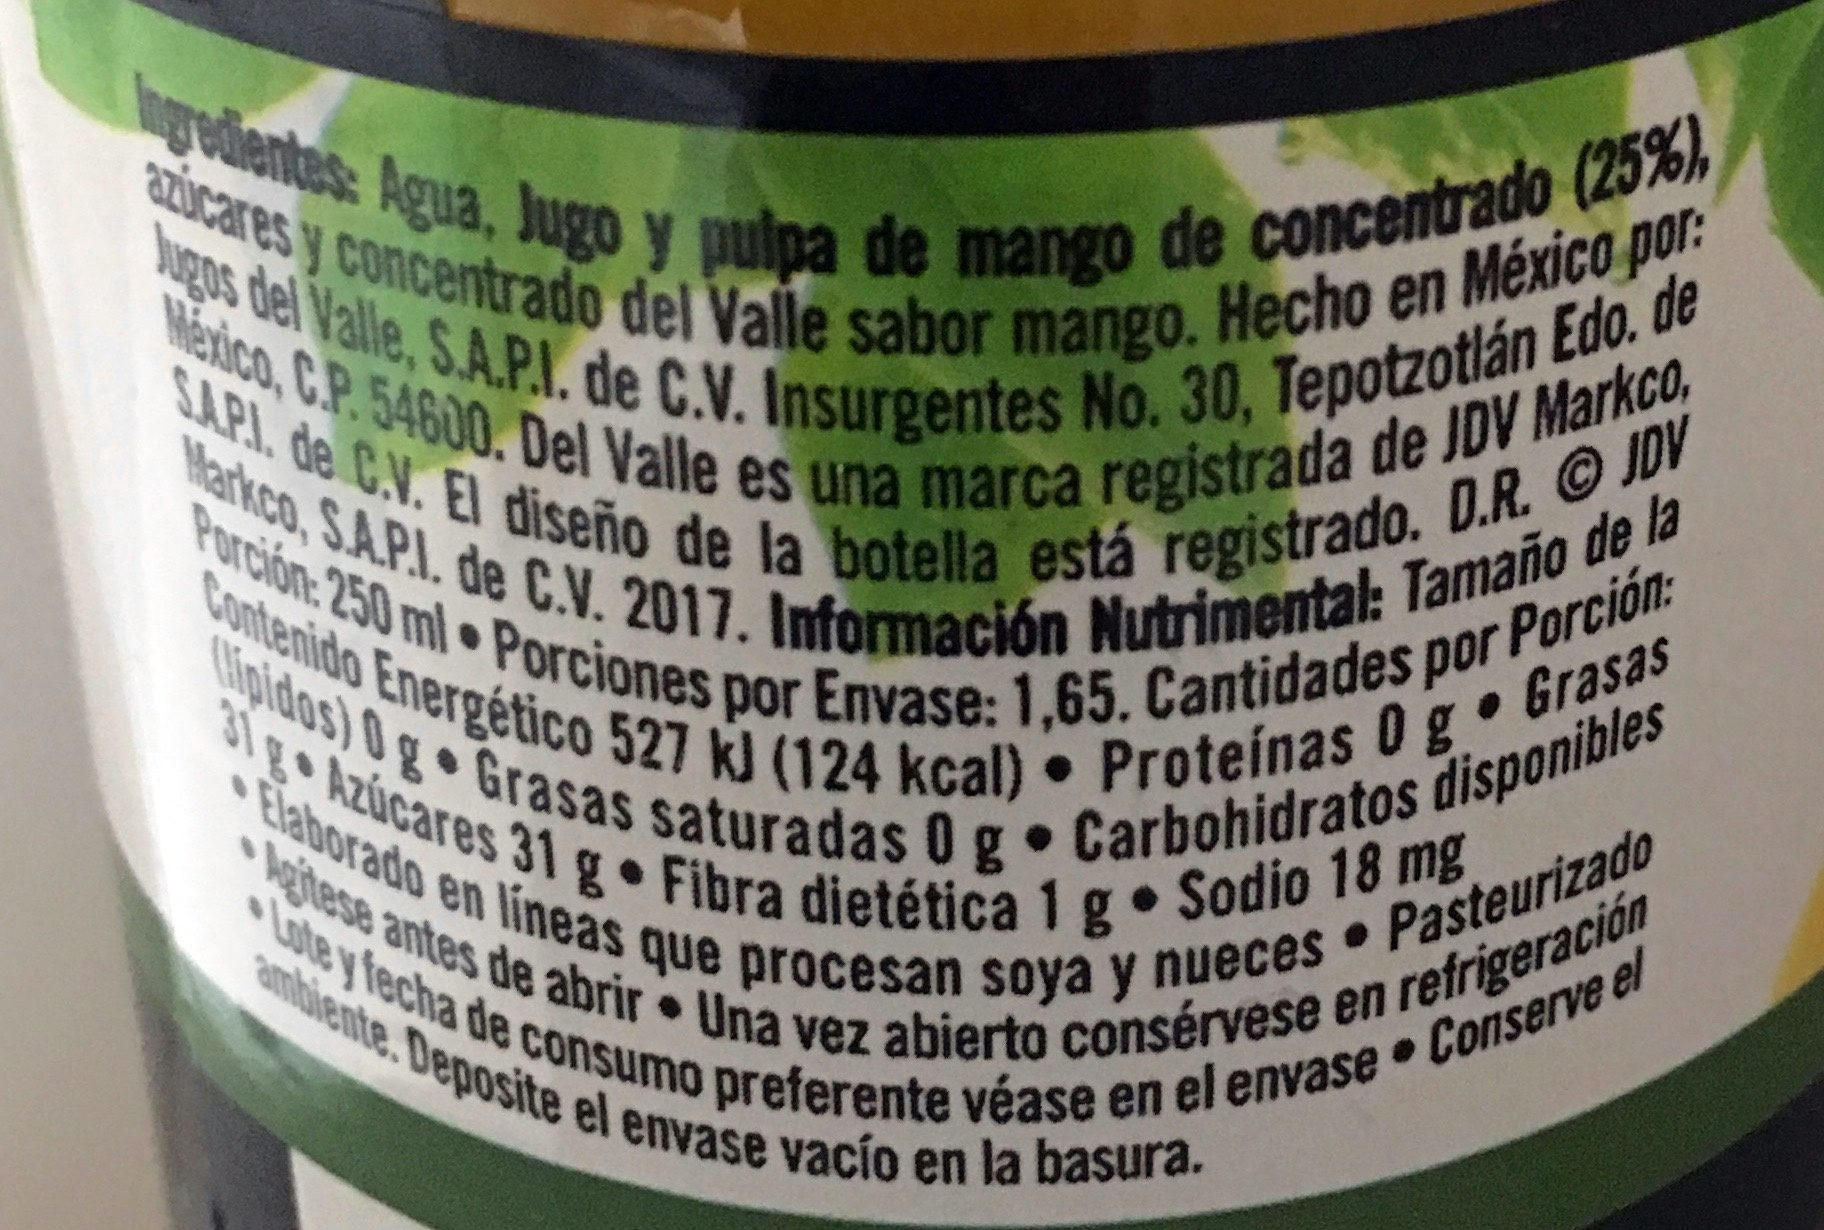 Del Valle Nectar de Mango - Ingredientes - es